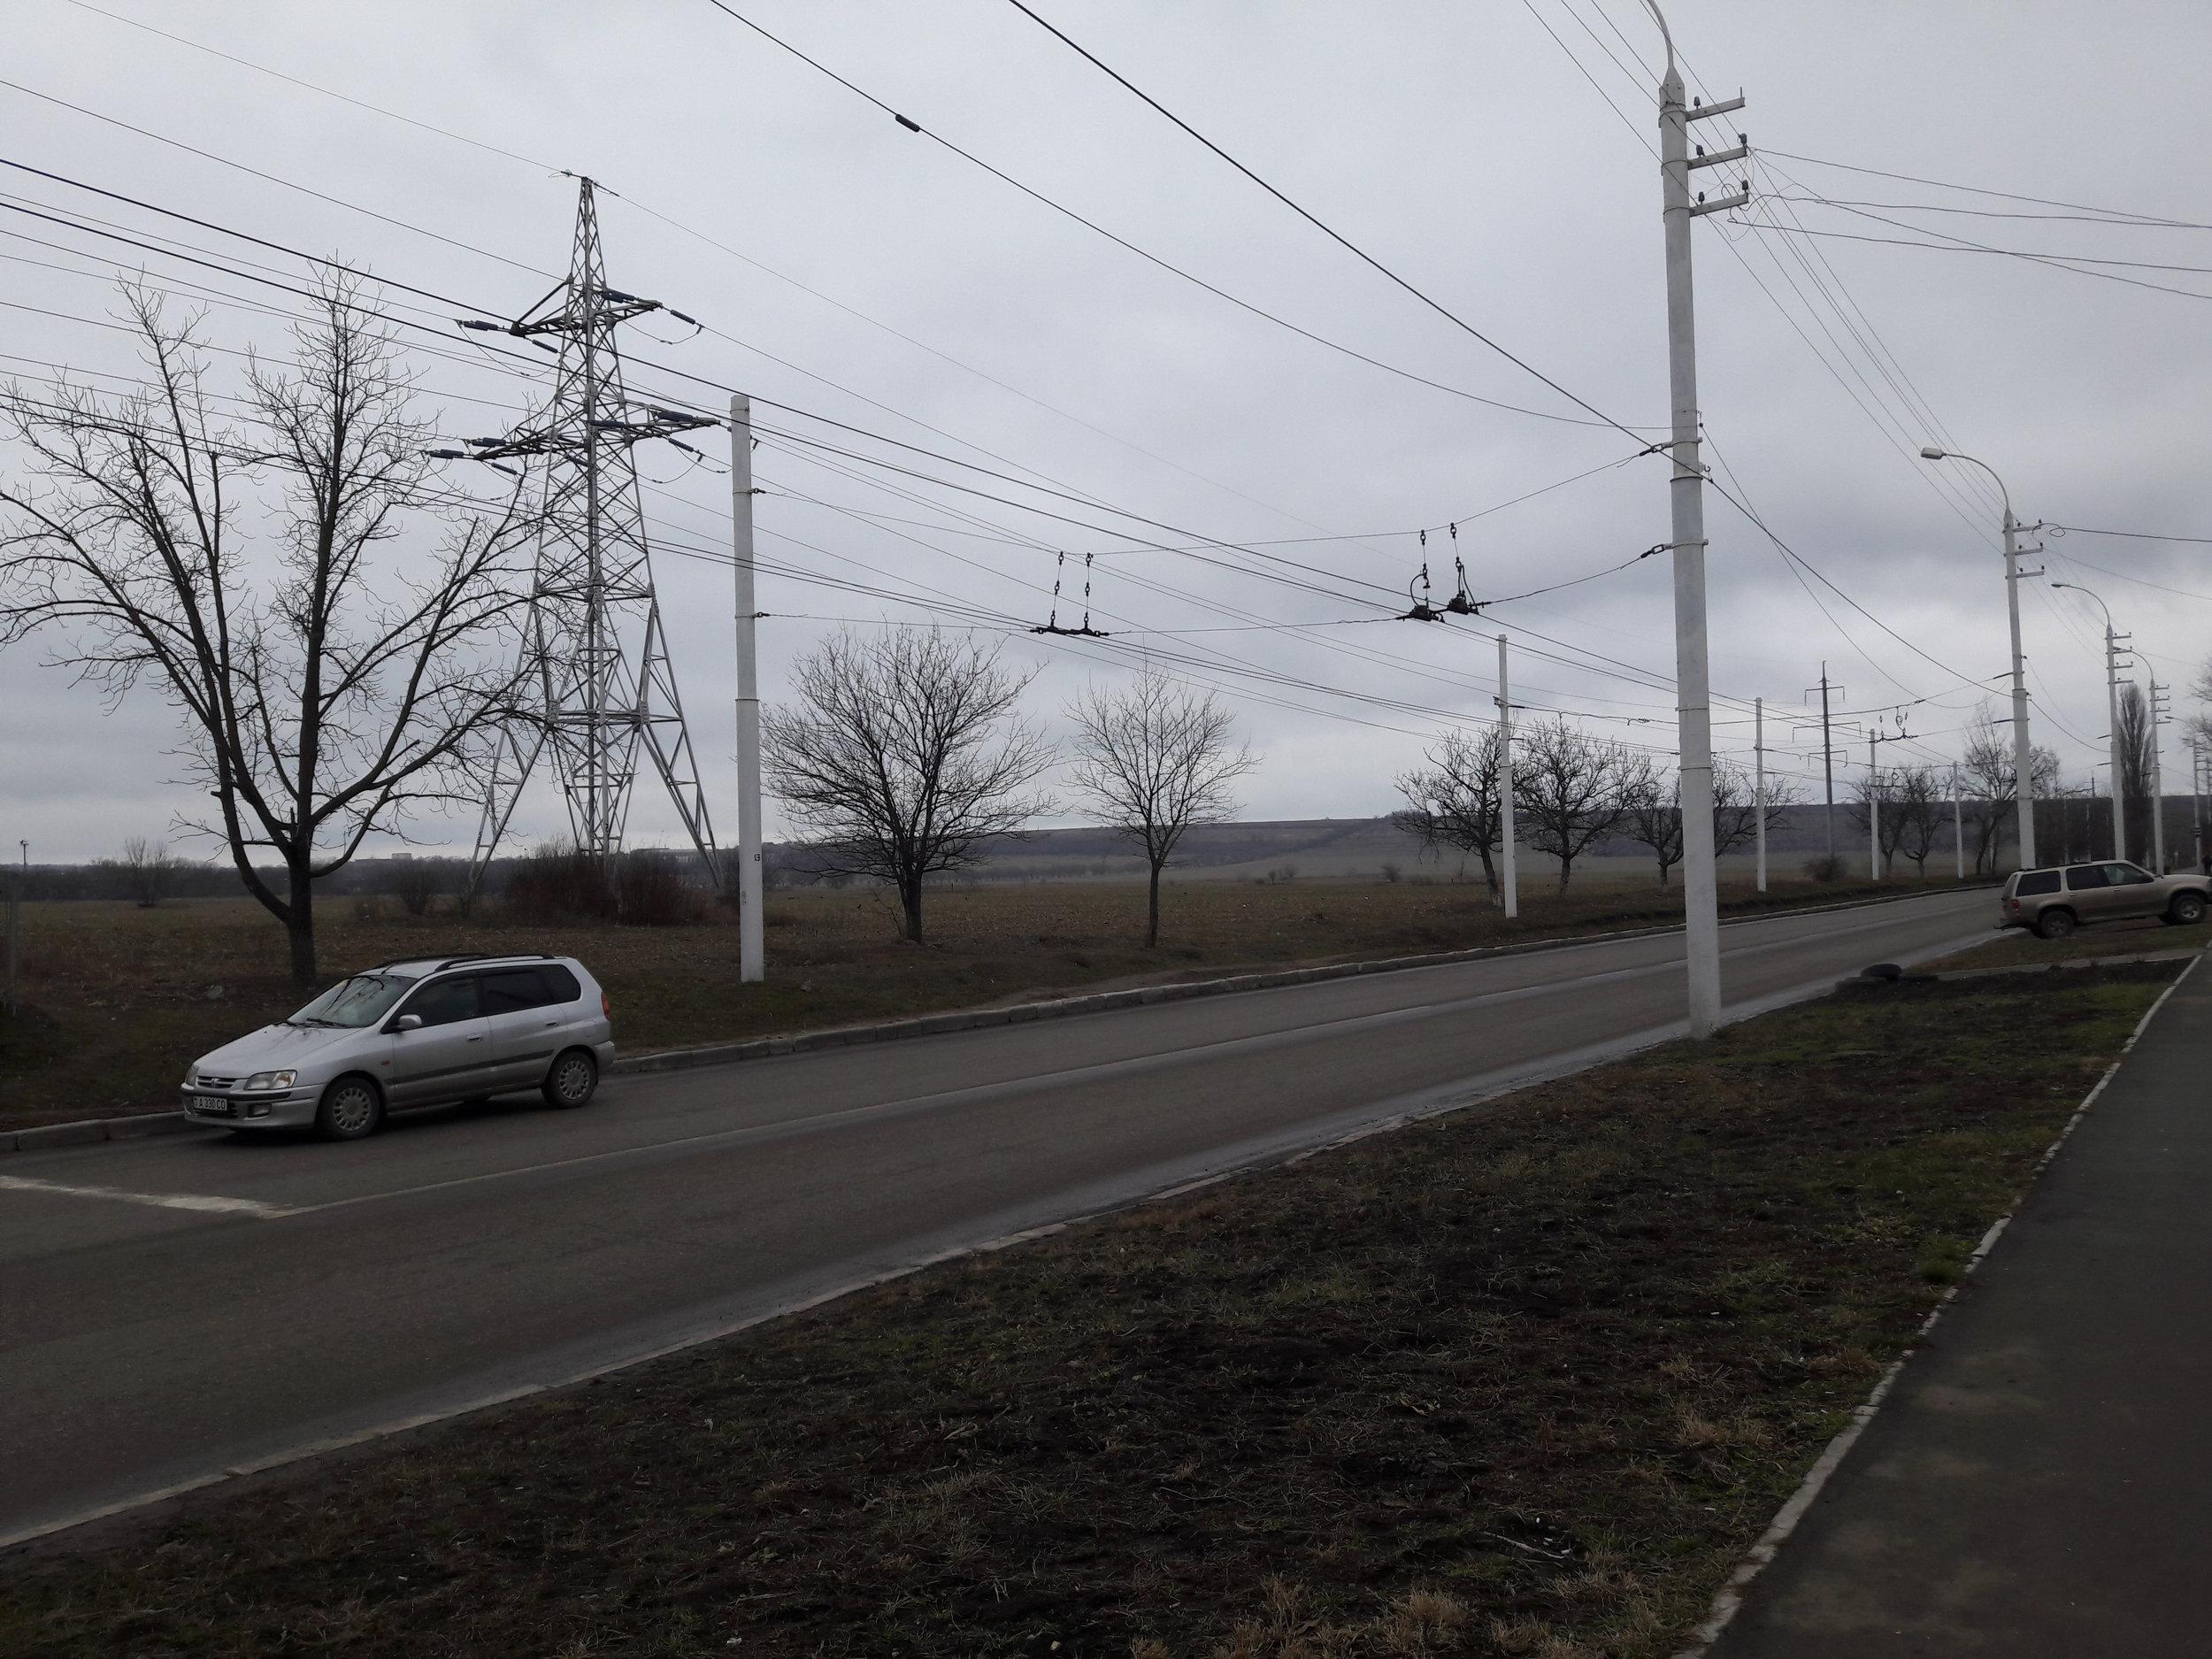 Procházka po jihozápadním úseku okružní linky č. 4.